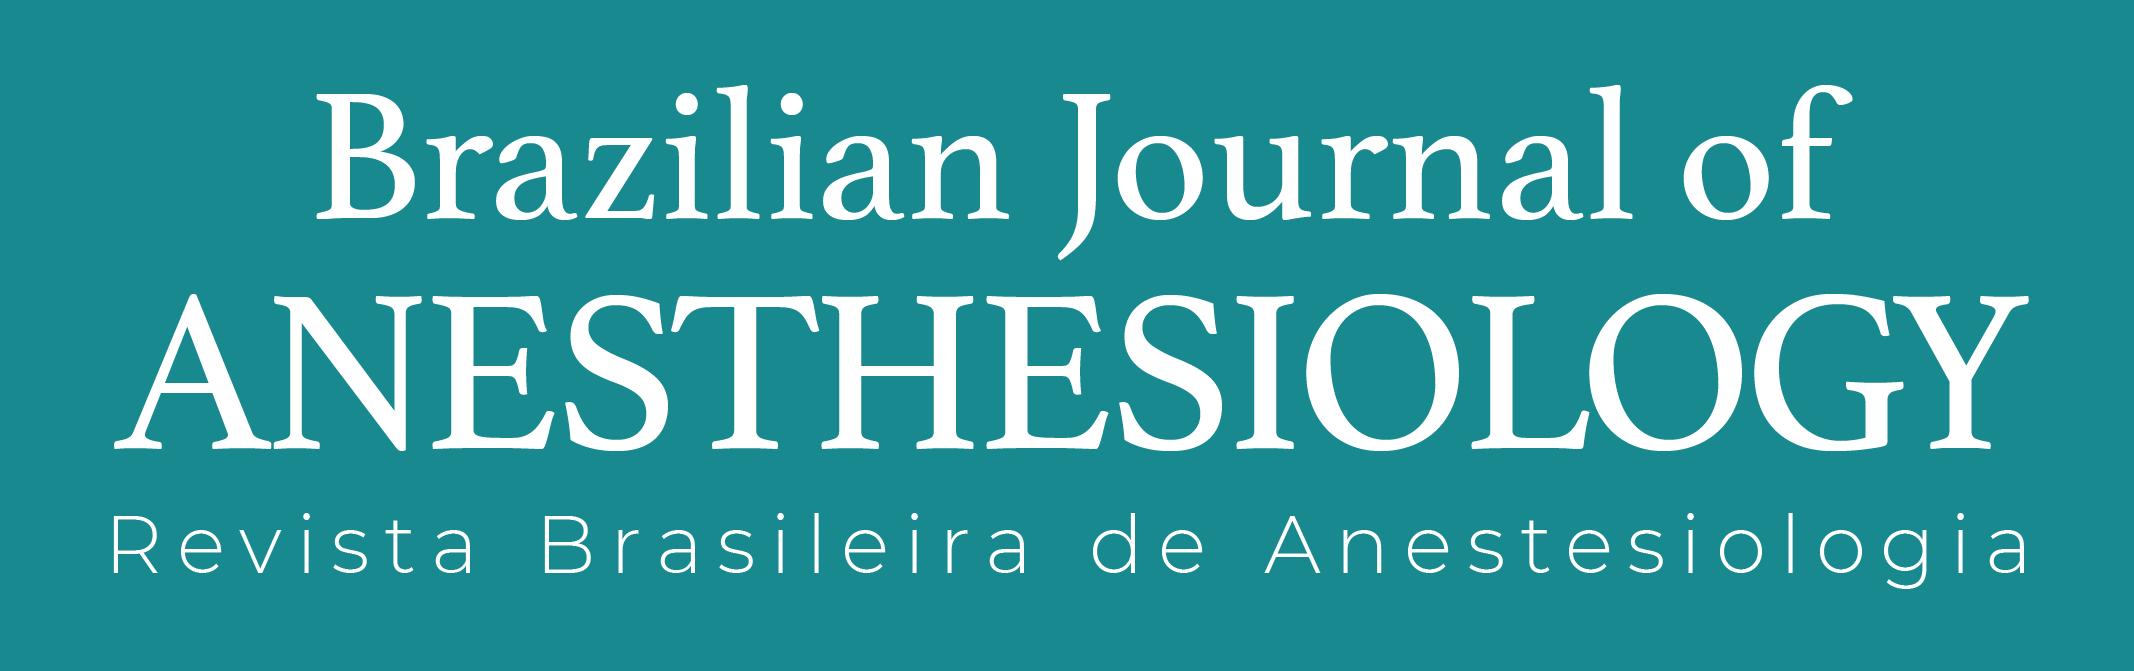 Logomarca do periódico: Revista Brasileira de Anestesiologia